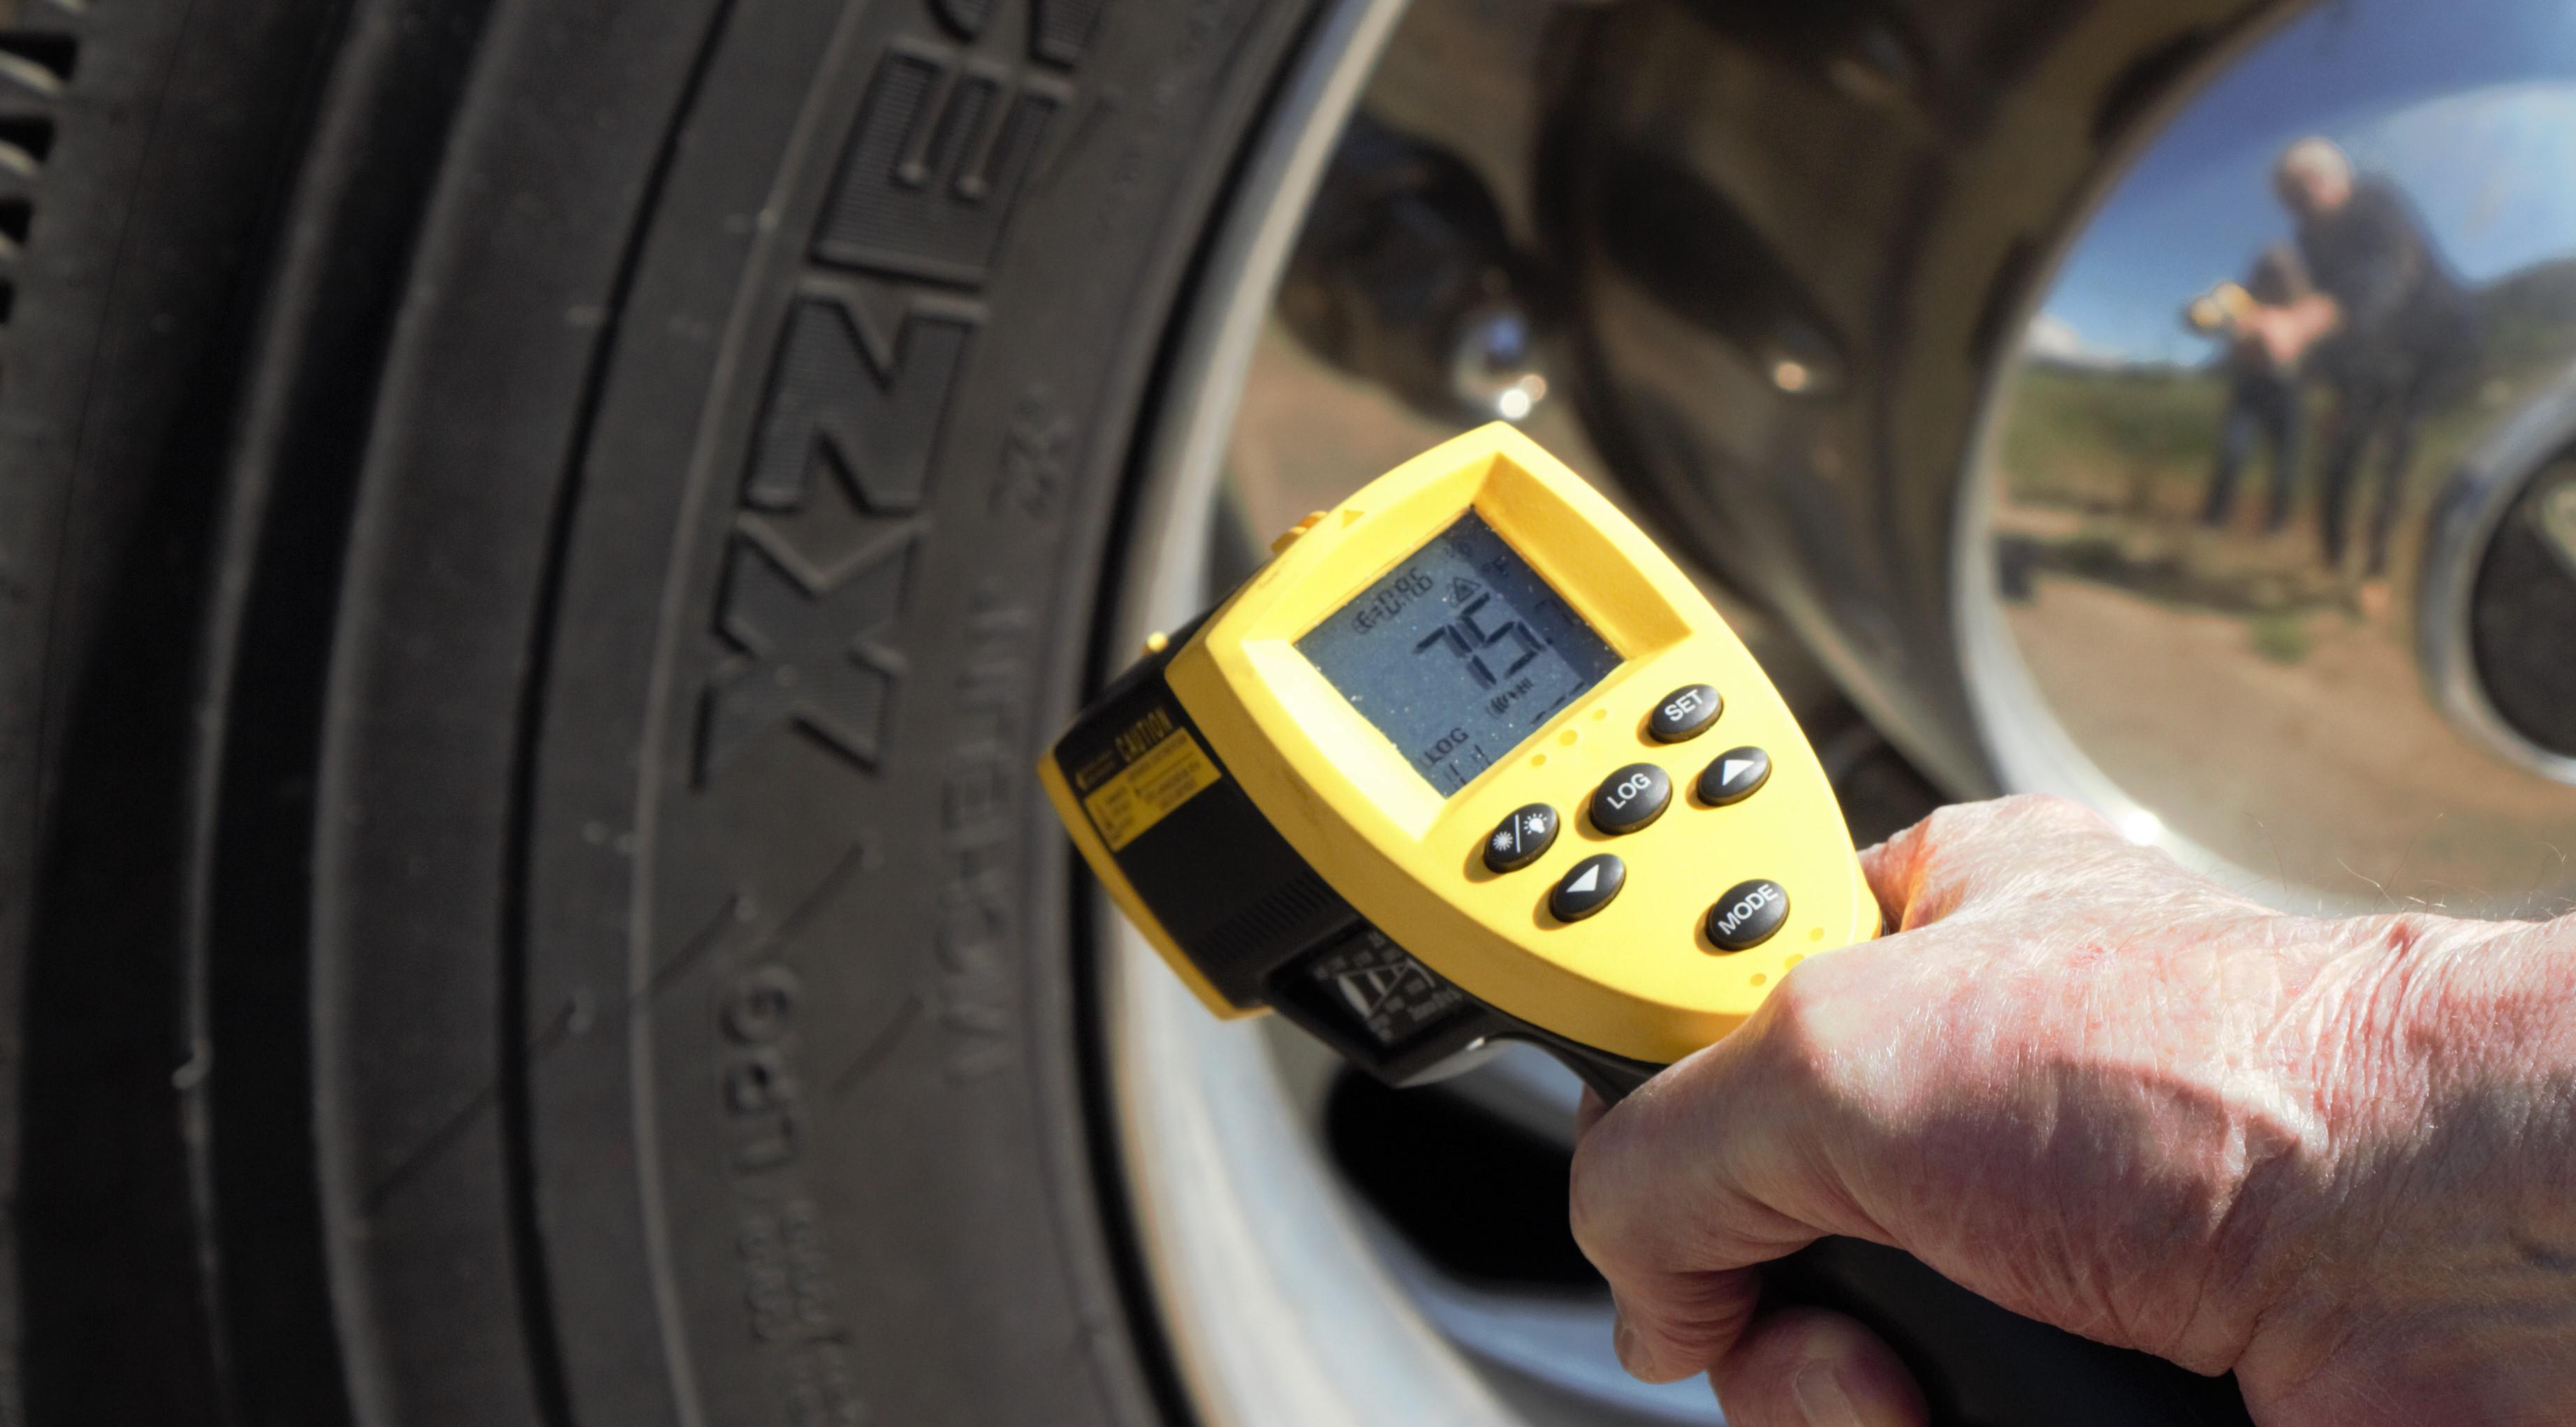 A hand aims an infrared temperature gun at a tire.